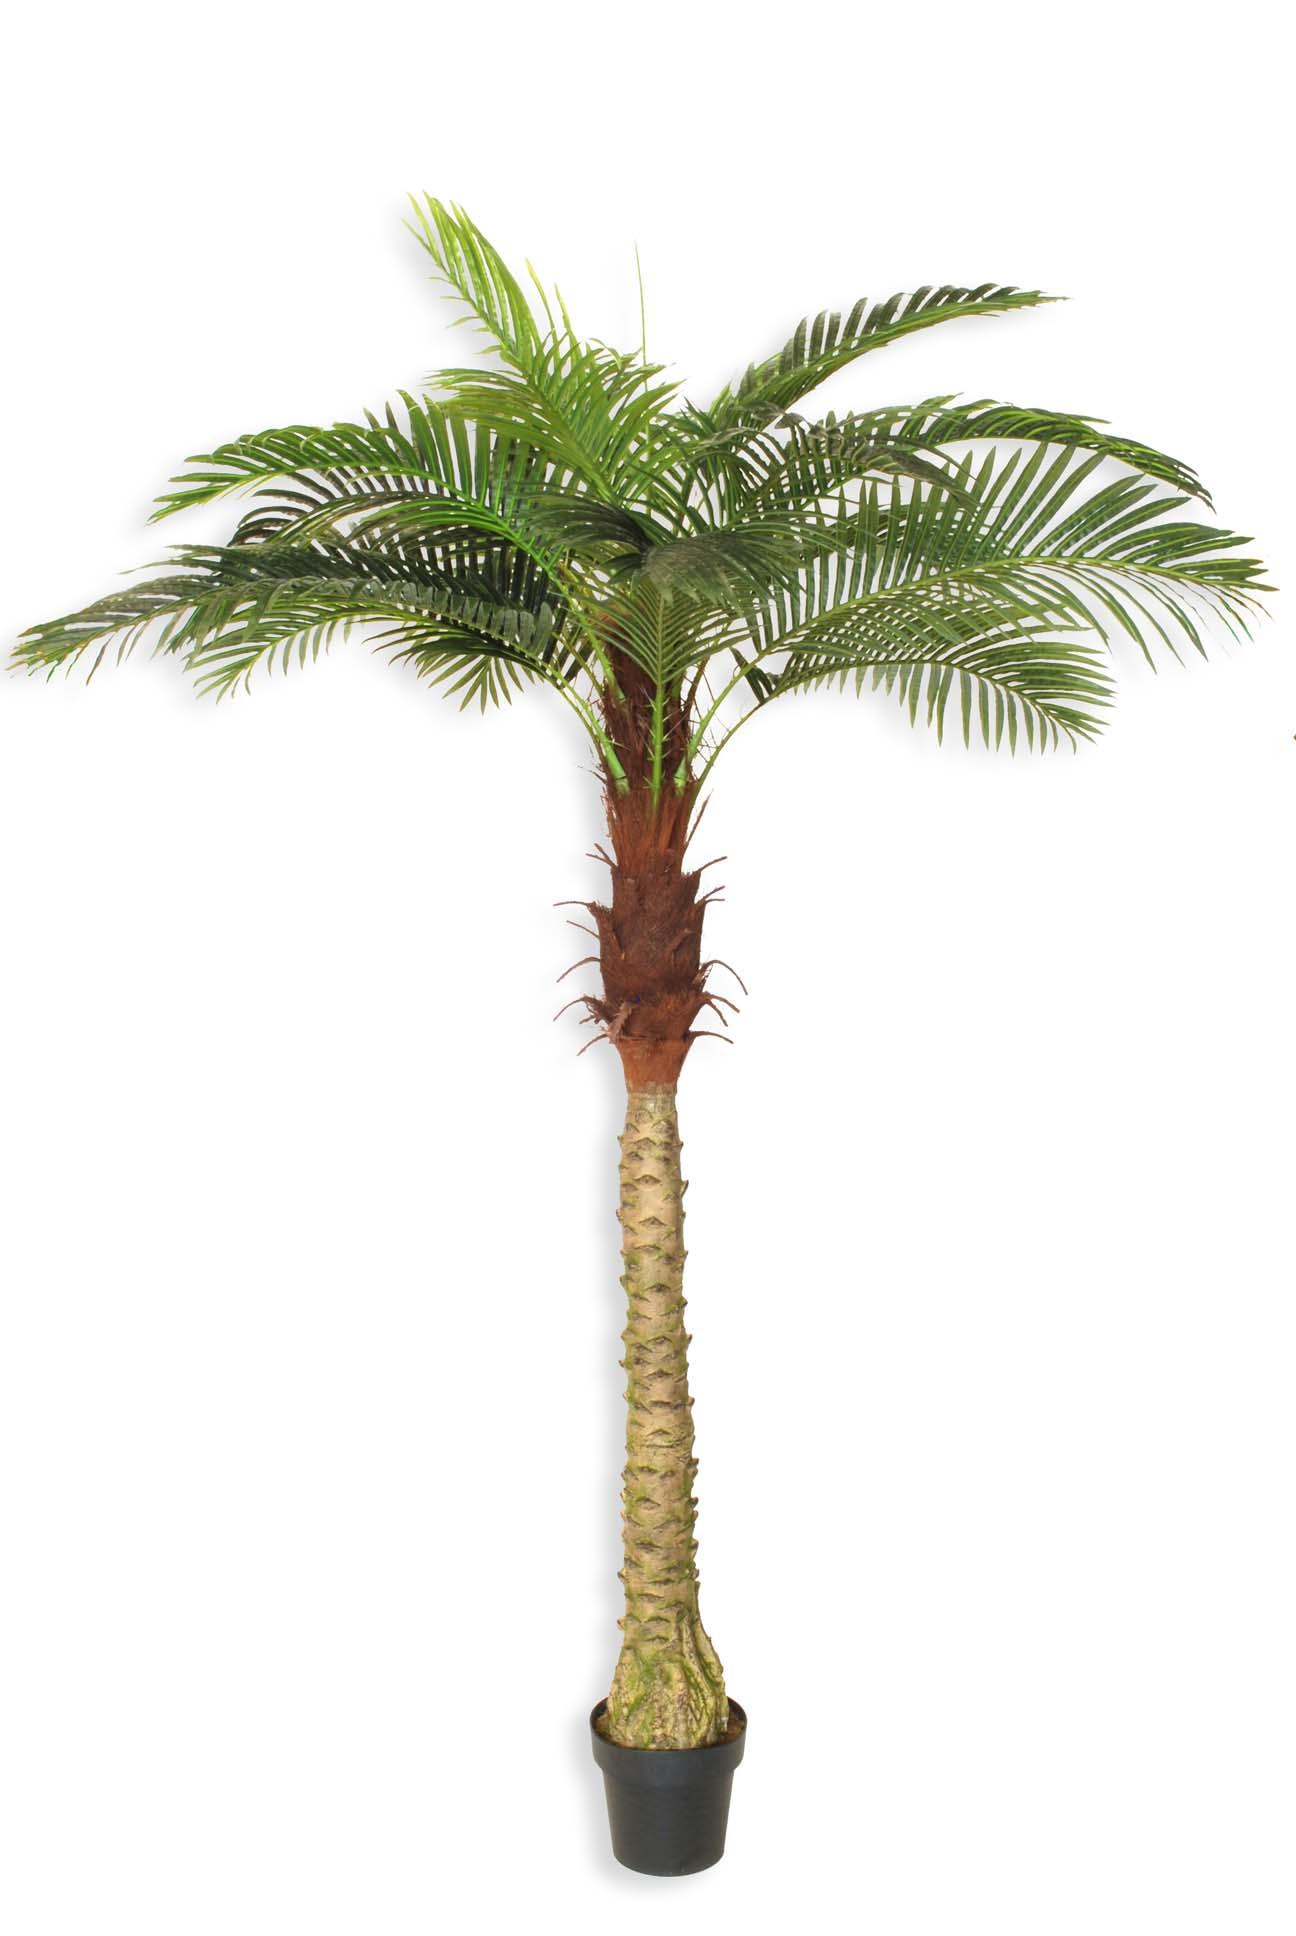 Pianta palma phoenix h 200 cm for Palma pianta